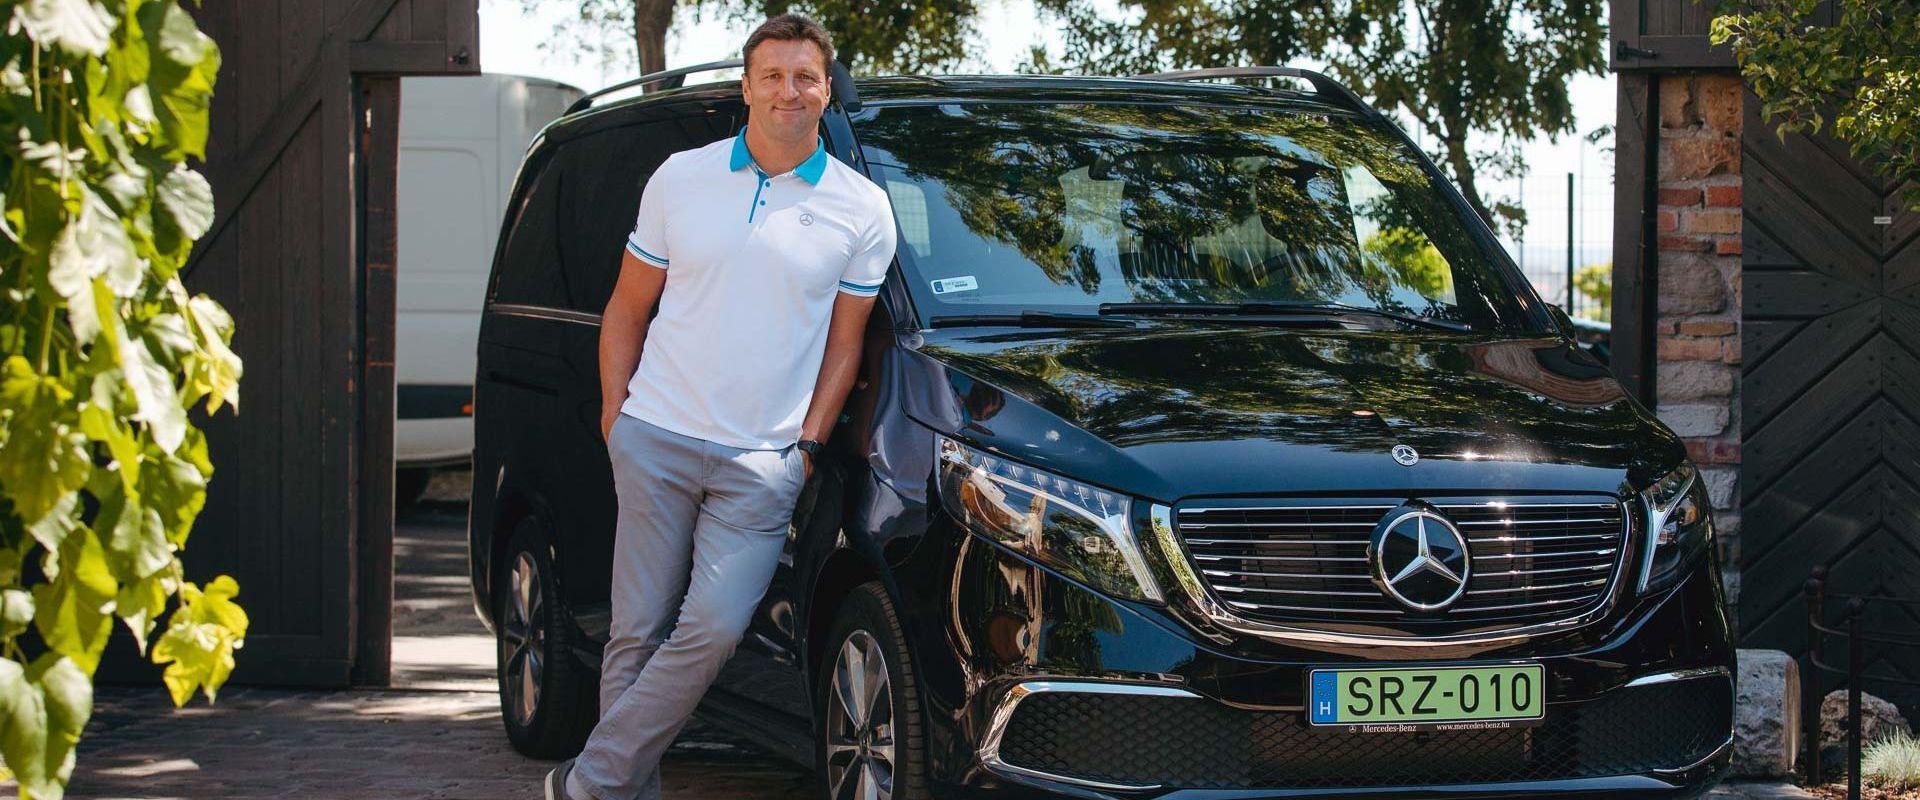 Kiss Gergely lett a Mercedes-Benz új nagykövete